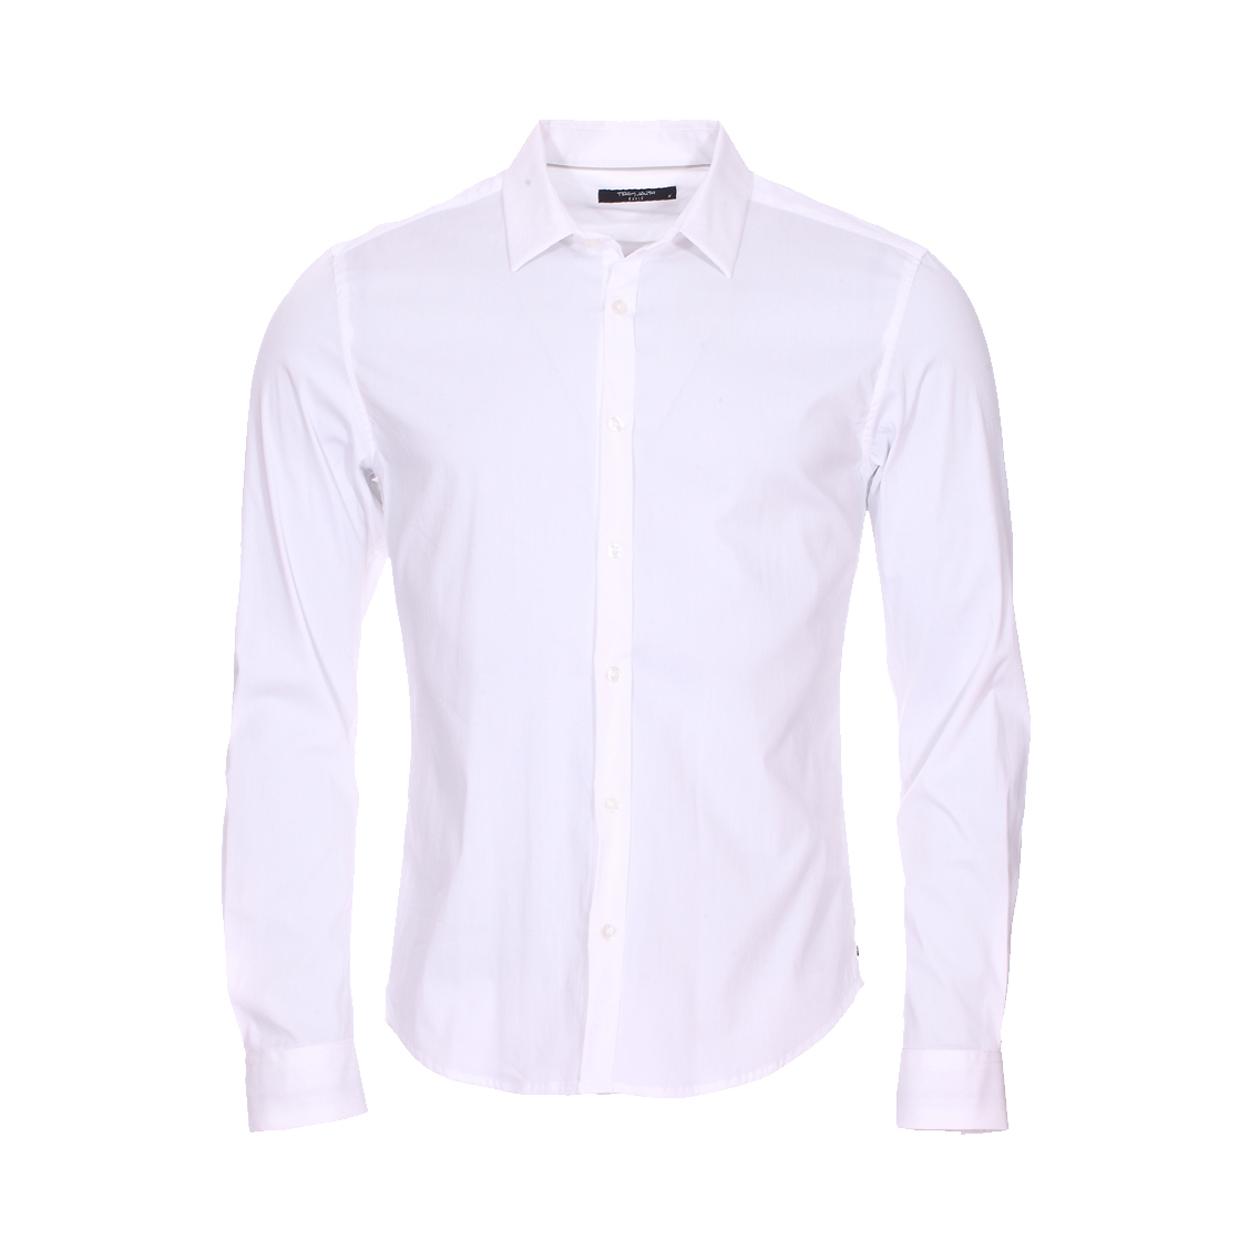 Chemise coupe ajustée  clovery en coton mélangé blanc